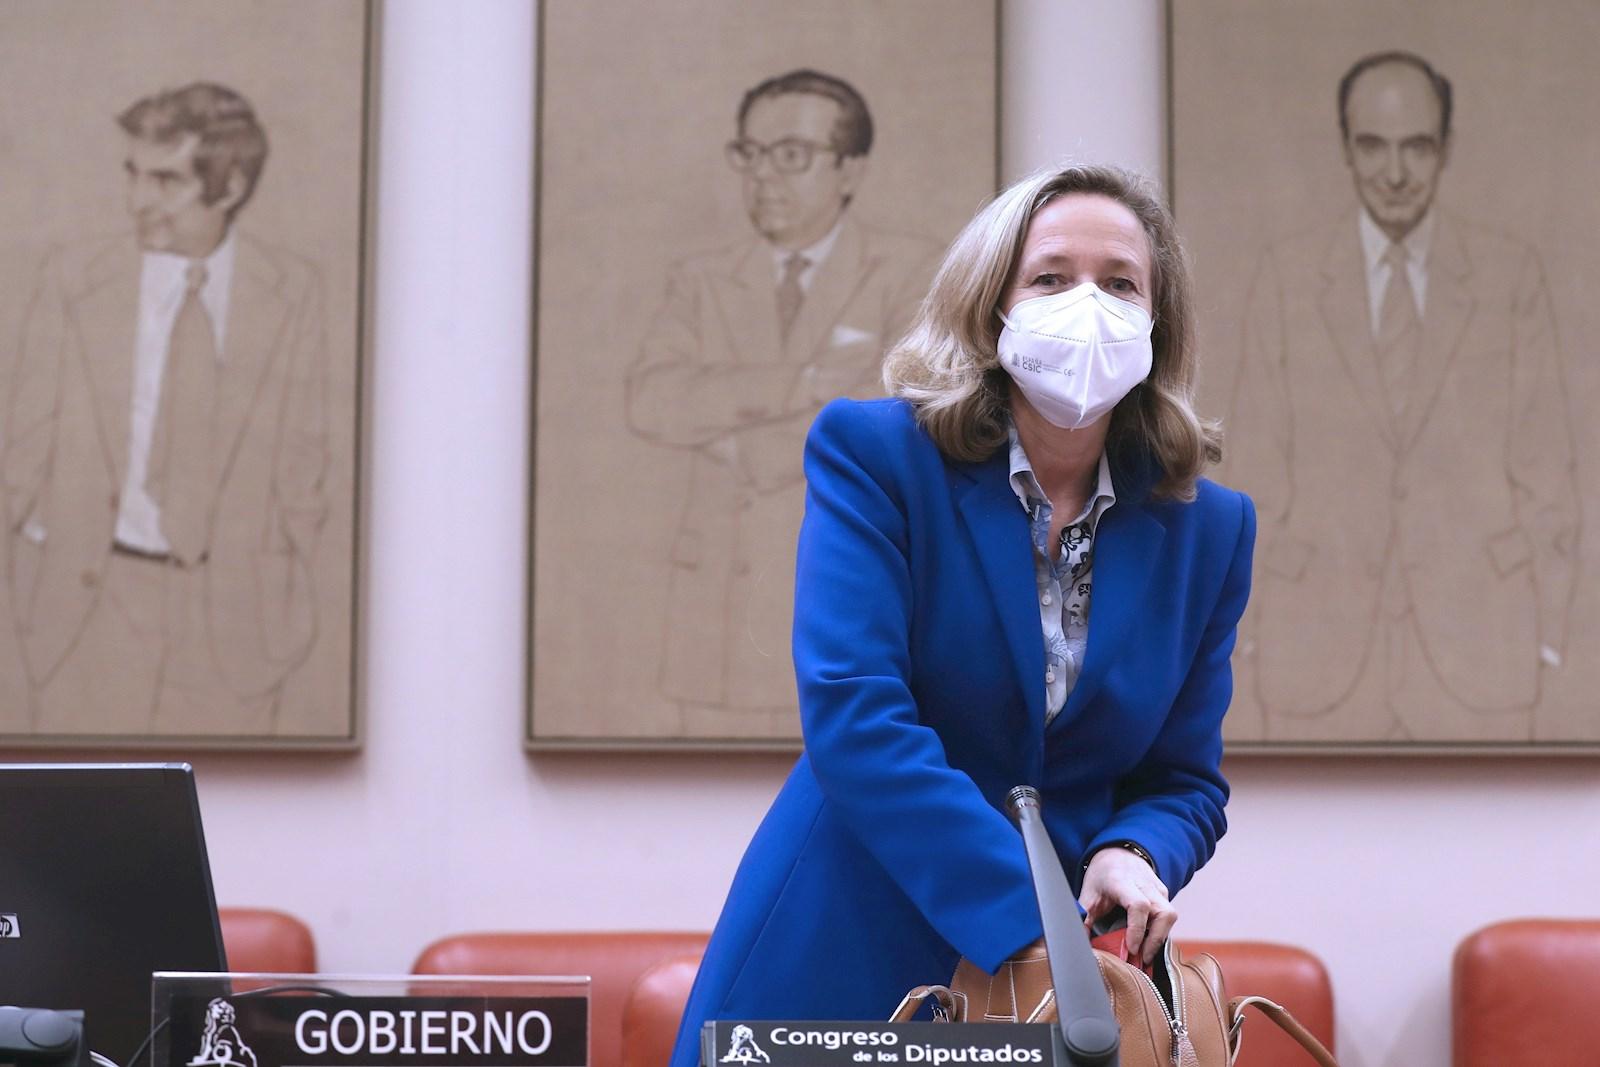 La vicepresidenta tercera del Gobierno y ministra de Economía, Nadia Calviño. EFE/ Kiko Huesca/Archivo